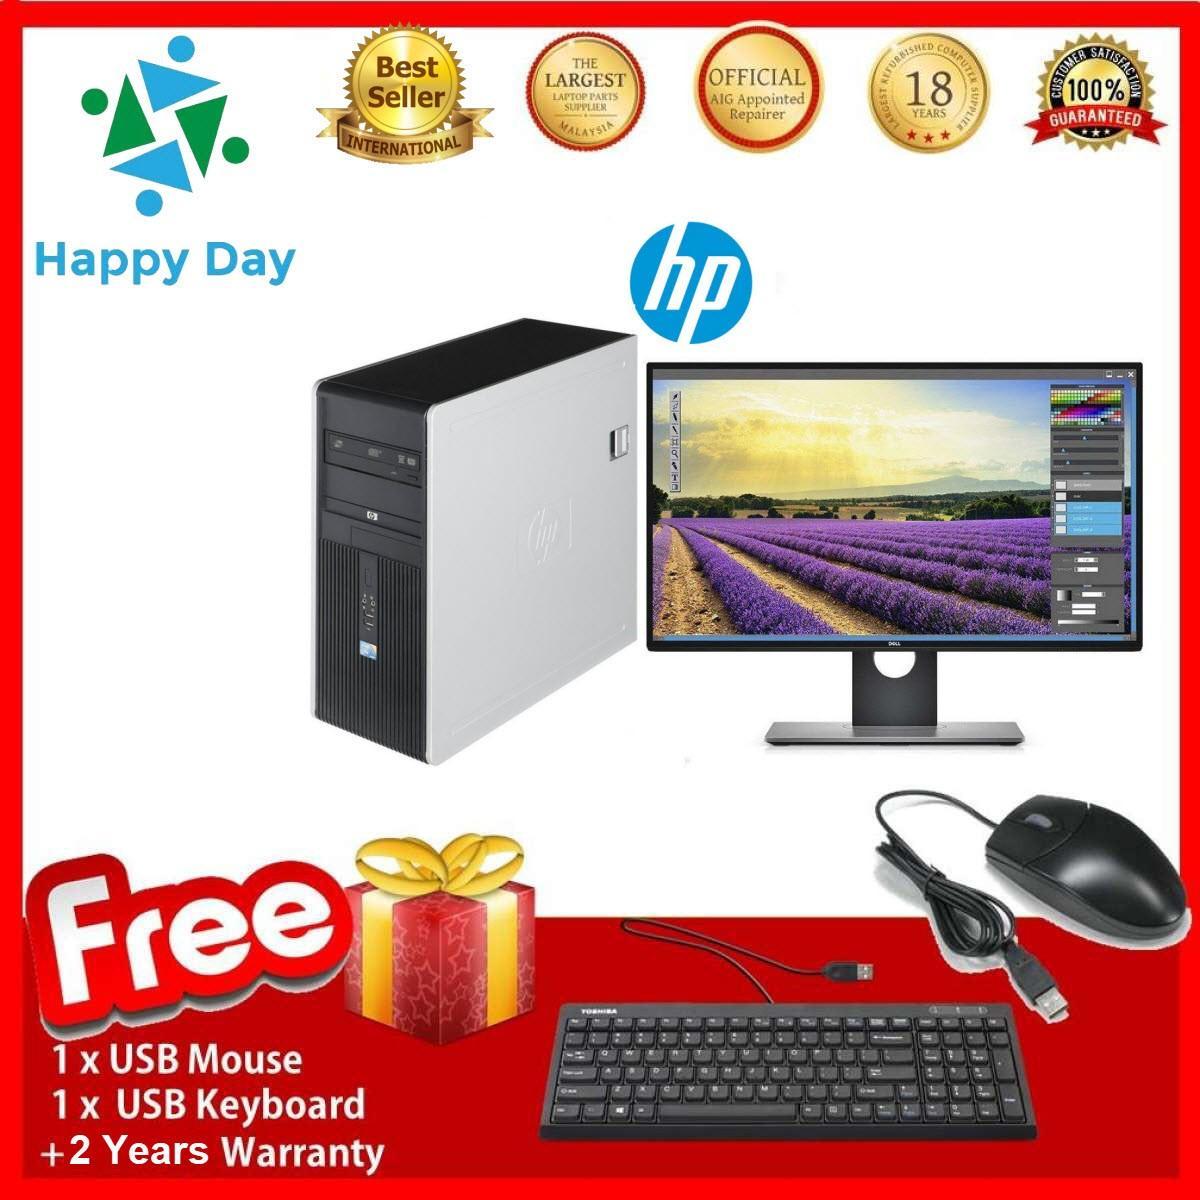 Bộ Combo Máy tính HP DC 5800 MT + LCD Dell 24inch Full HD (CPU Core 2 Quad Q9400- Ram 8GB- SSD 120GB- HDD 2TB) + Bộ Quà Tặng